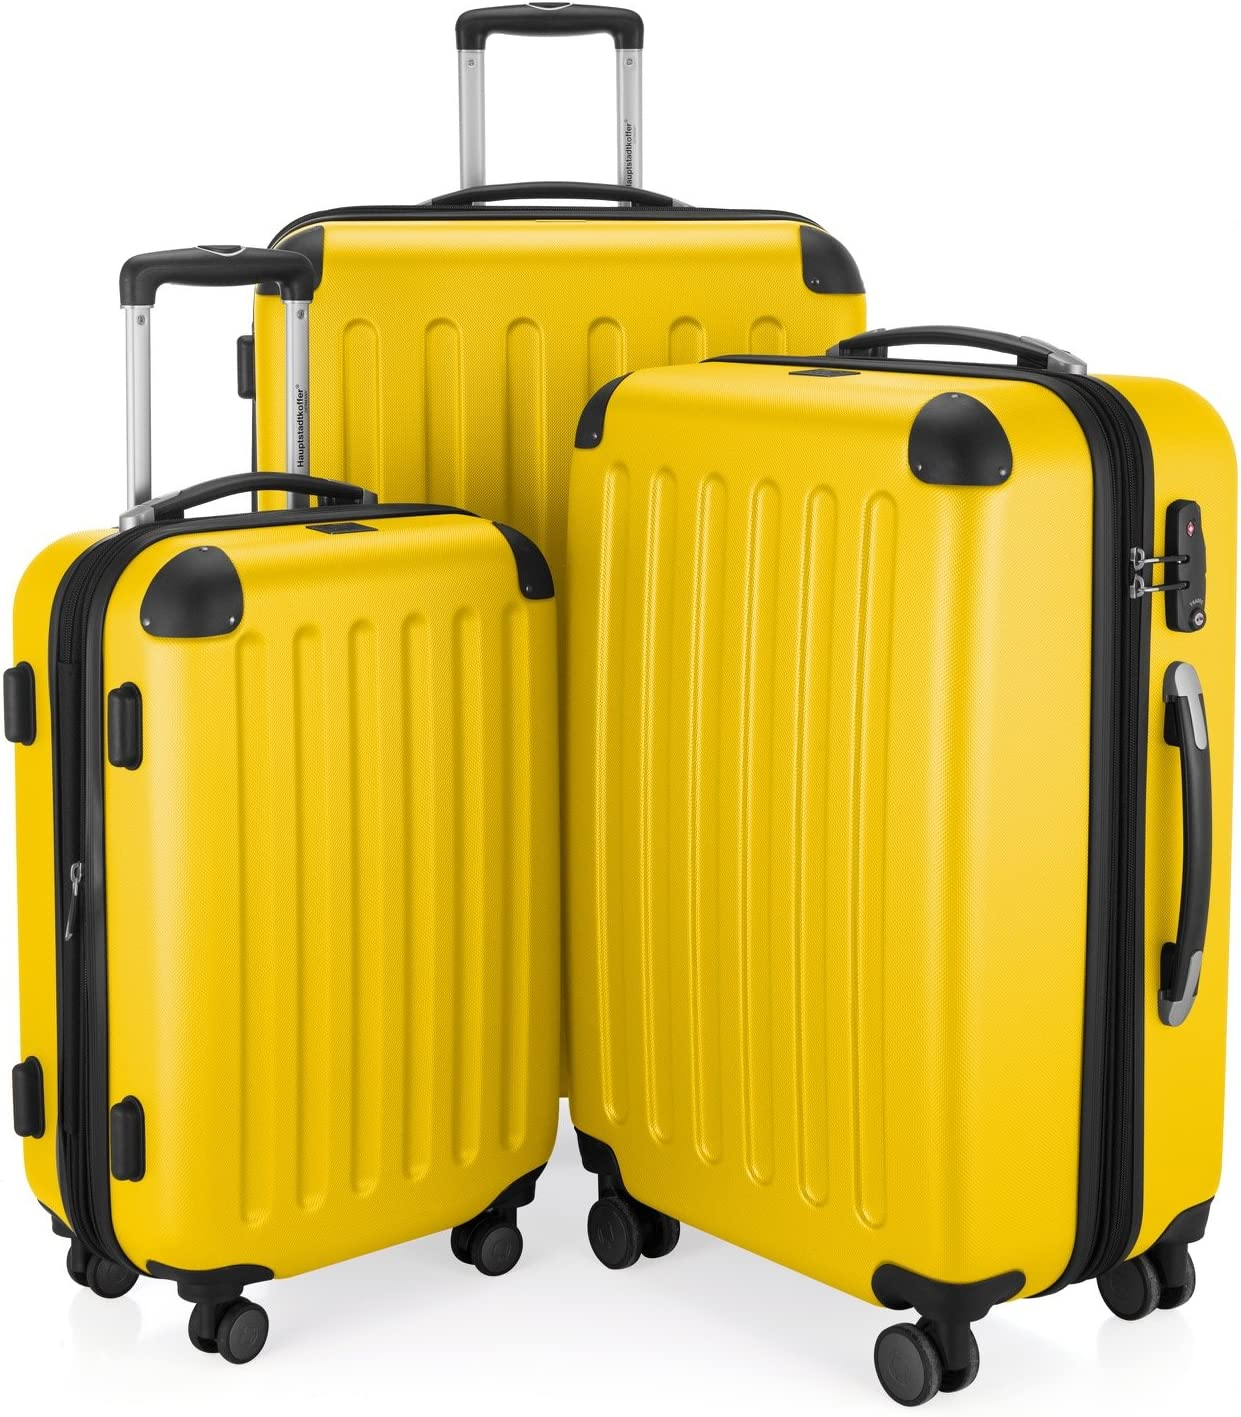 Hauptstadtkoffer Spree, Juego de maletas, Amarillo